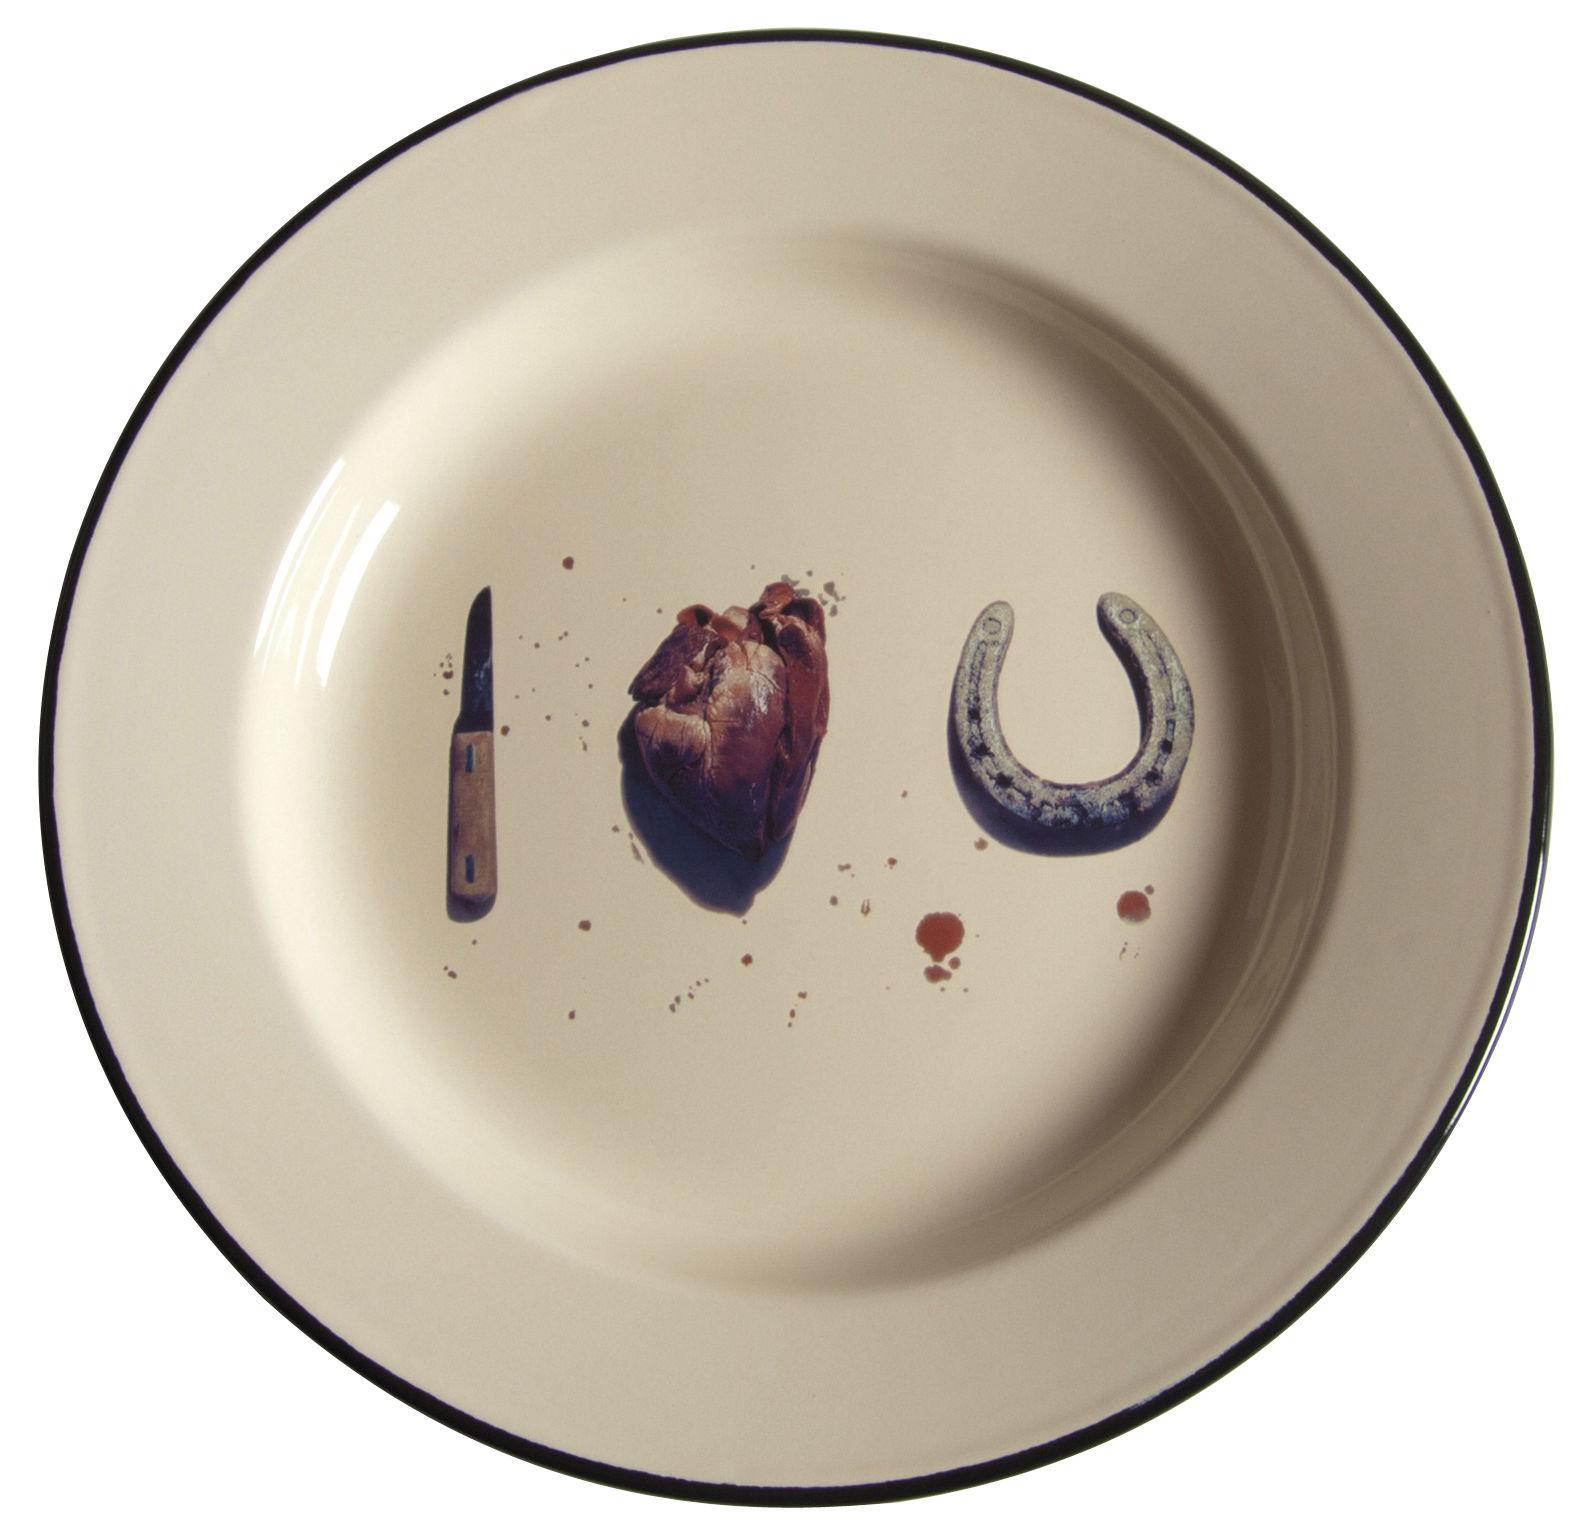 Tischkultur - Teller - Toiletpaper - I love you Teller - Seletti - I love you - emailliertes Metall